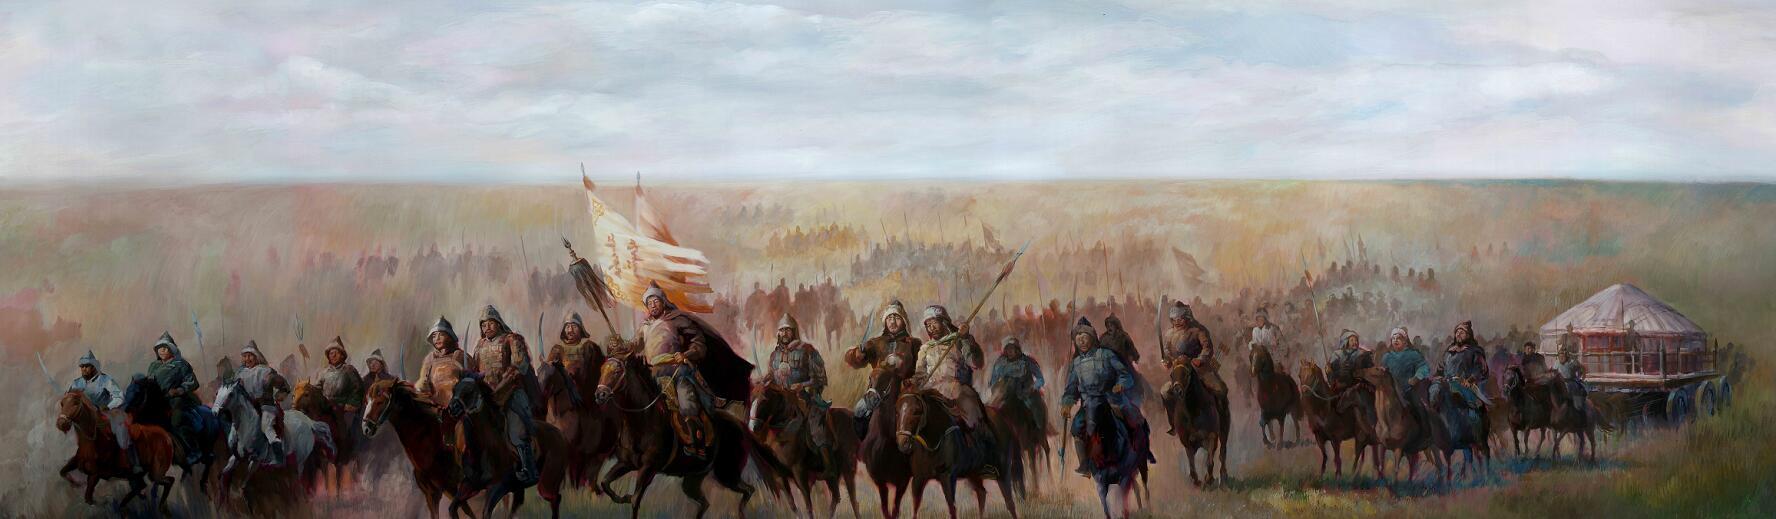 行进中的蒙古铁骑 (高清图)